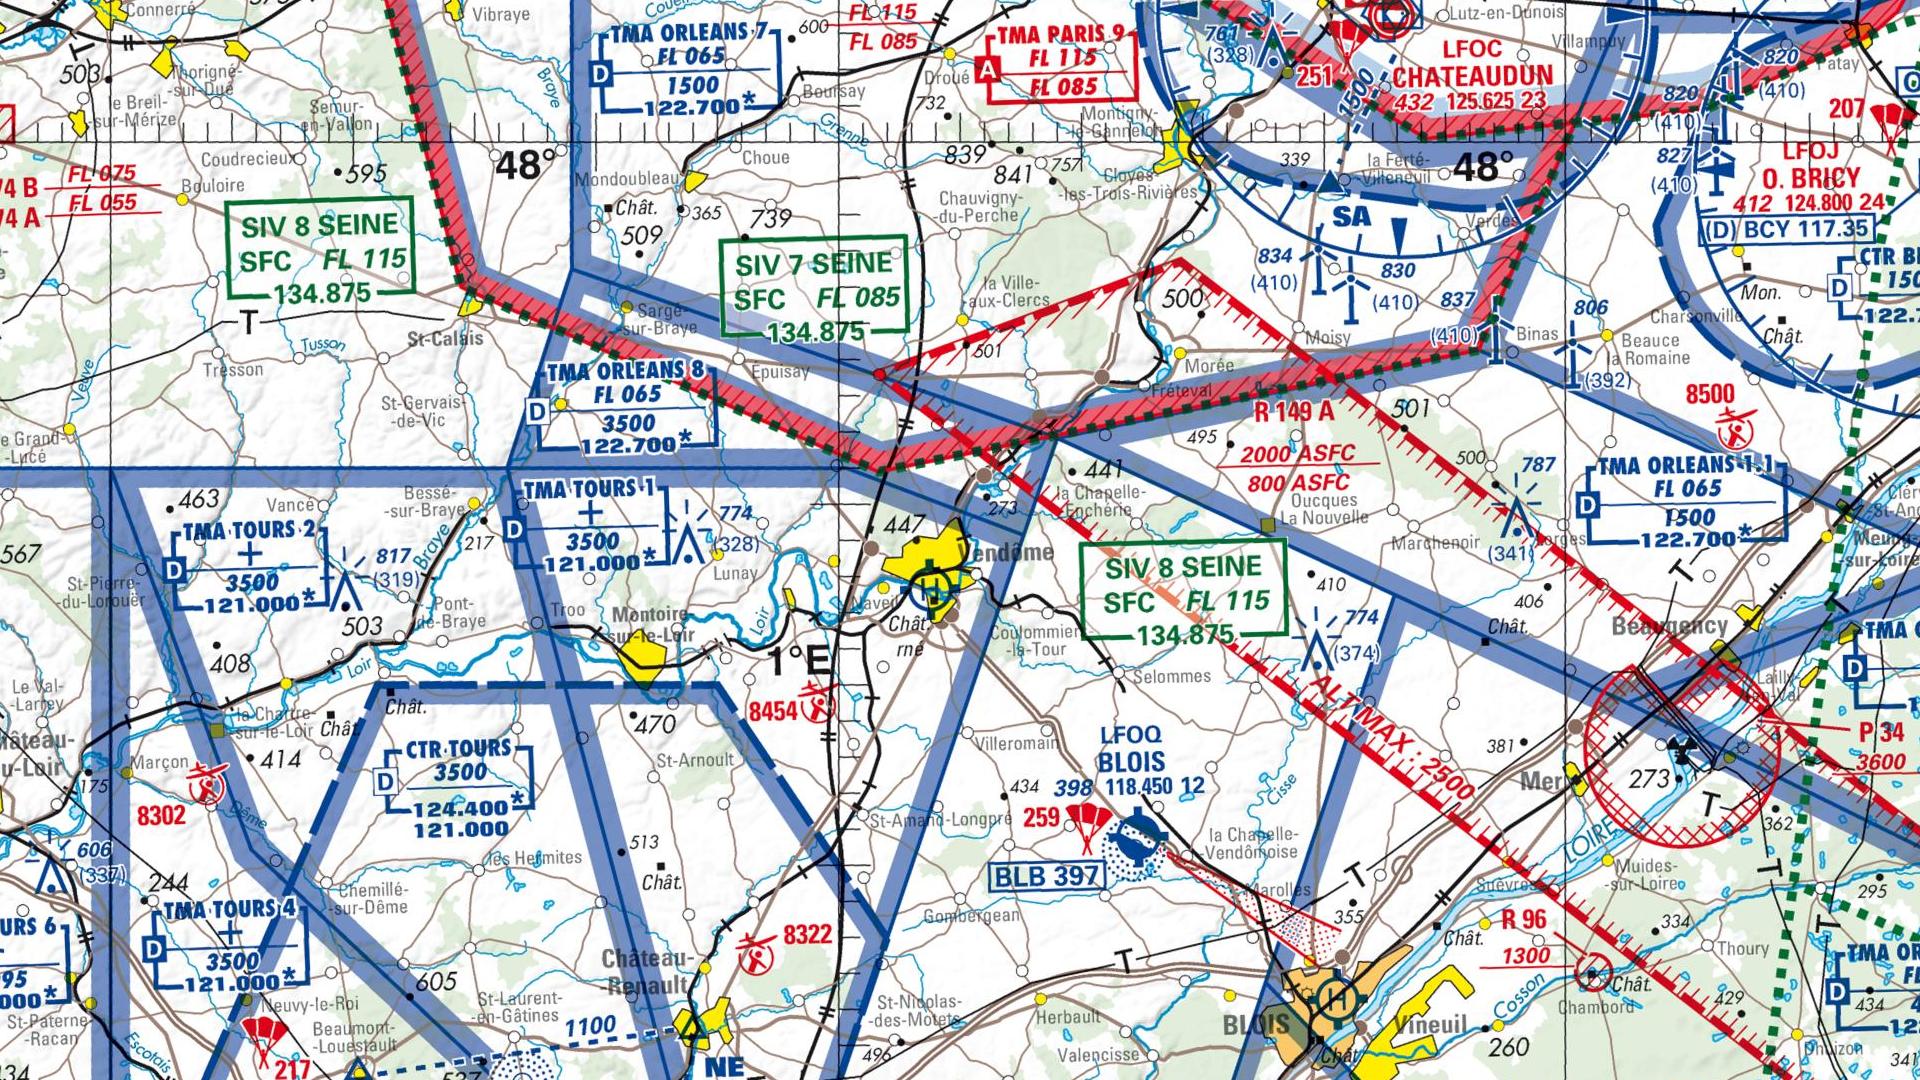 Réglementation drone à Saint ouen